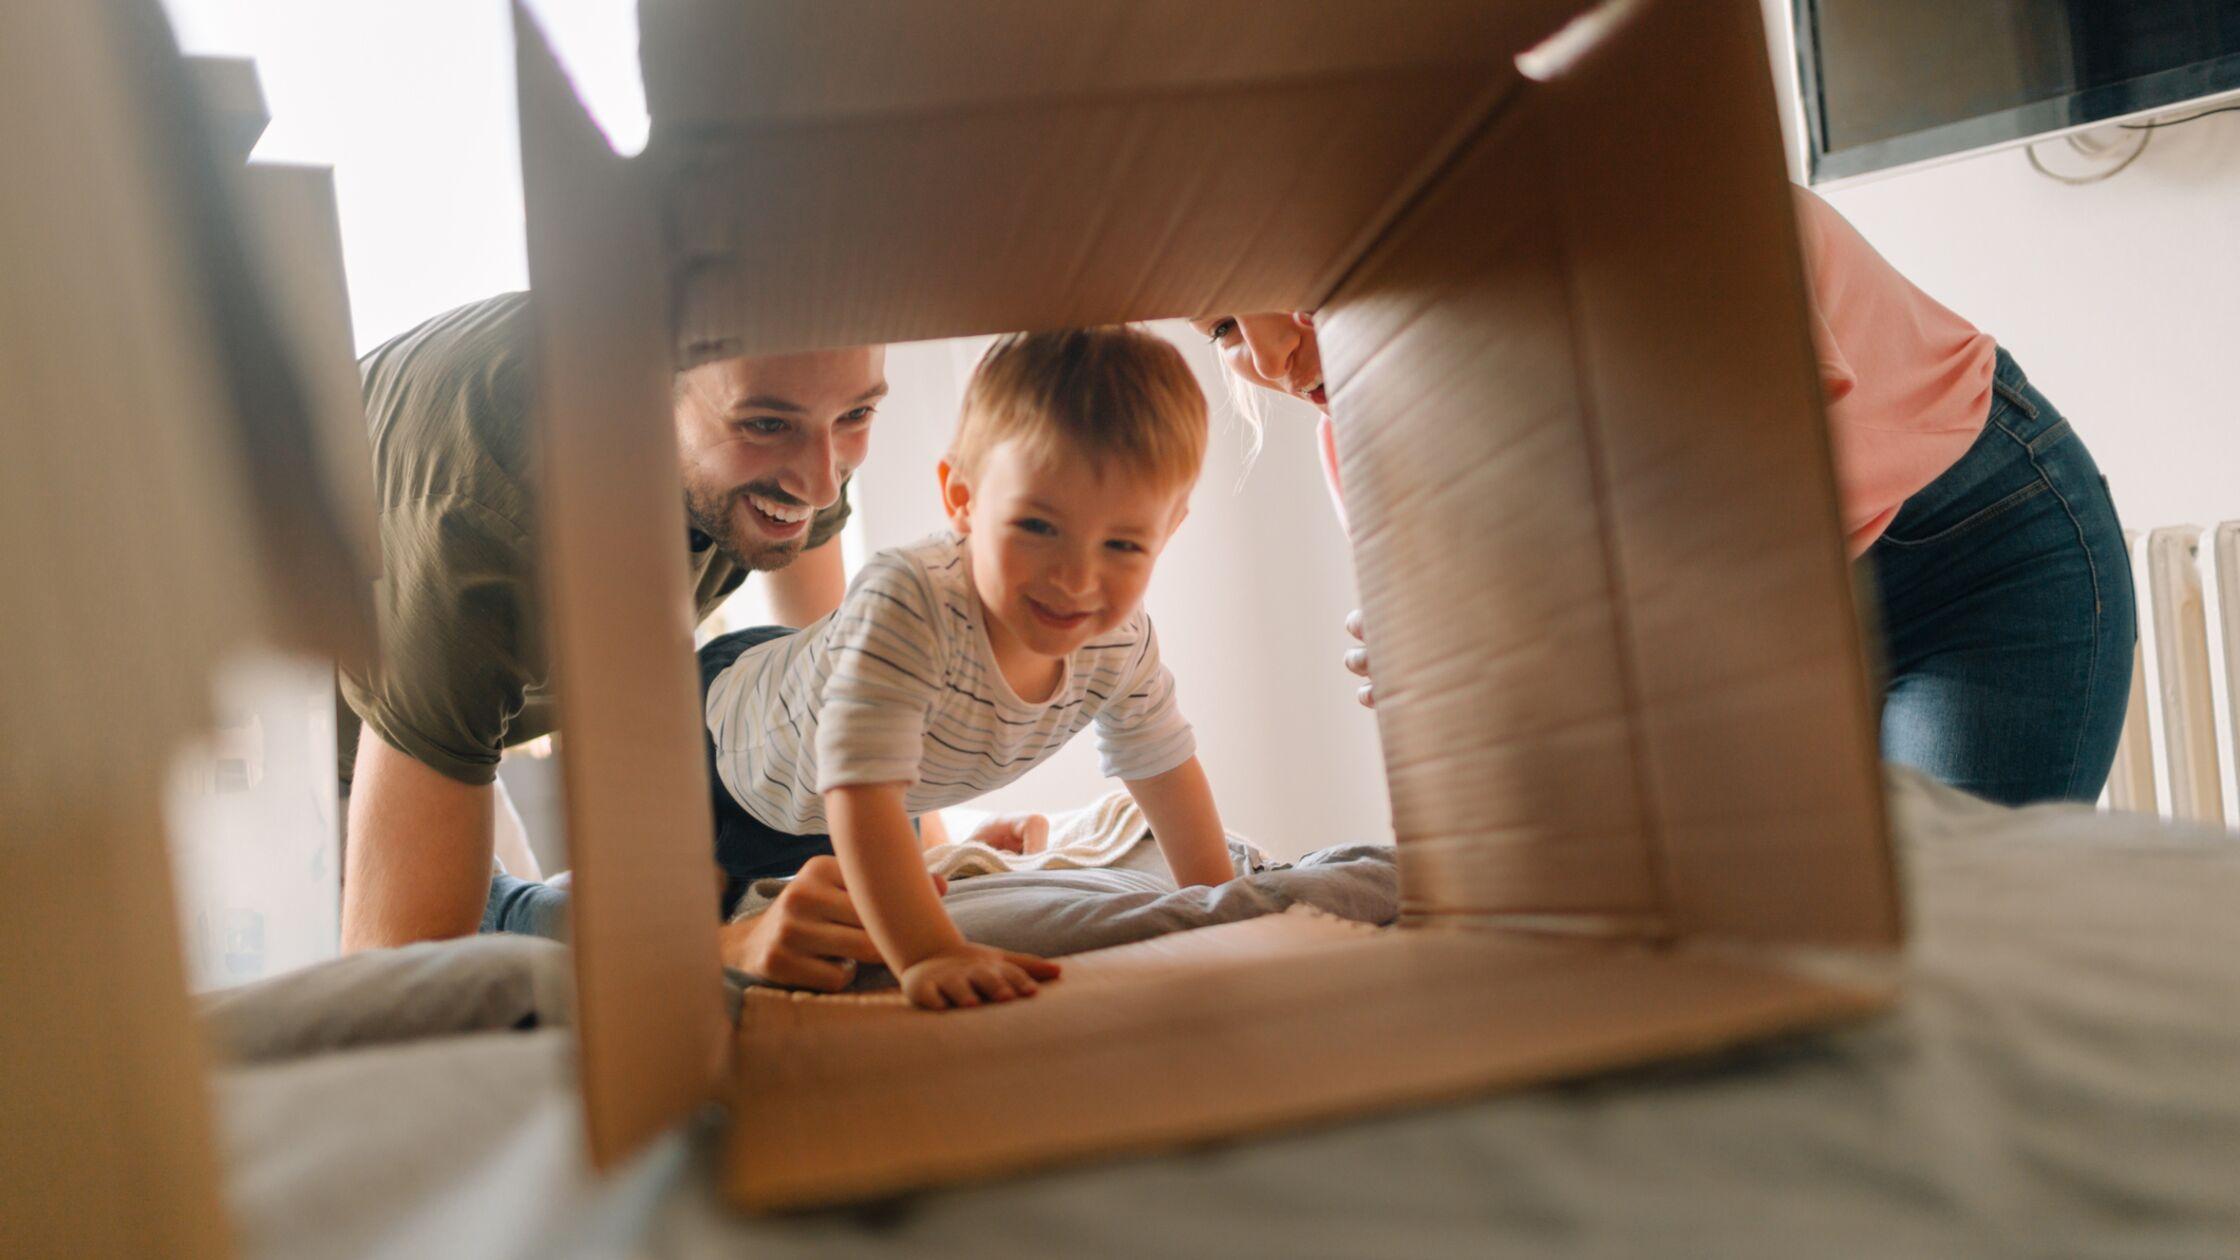 Lachende Familie mit Kleinkind, das in einen Umzugskarton krabbelt